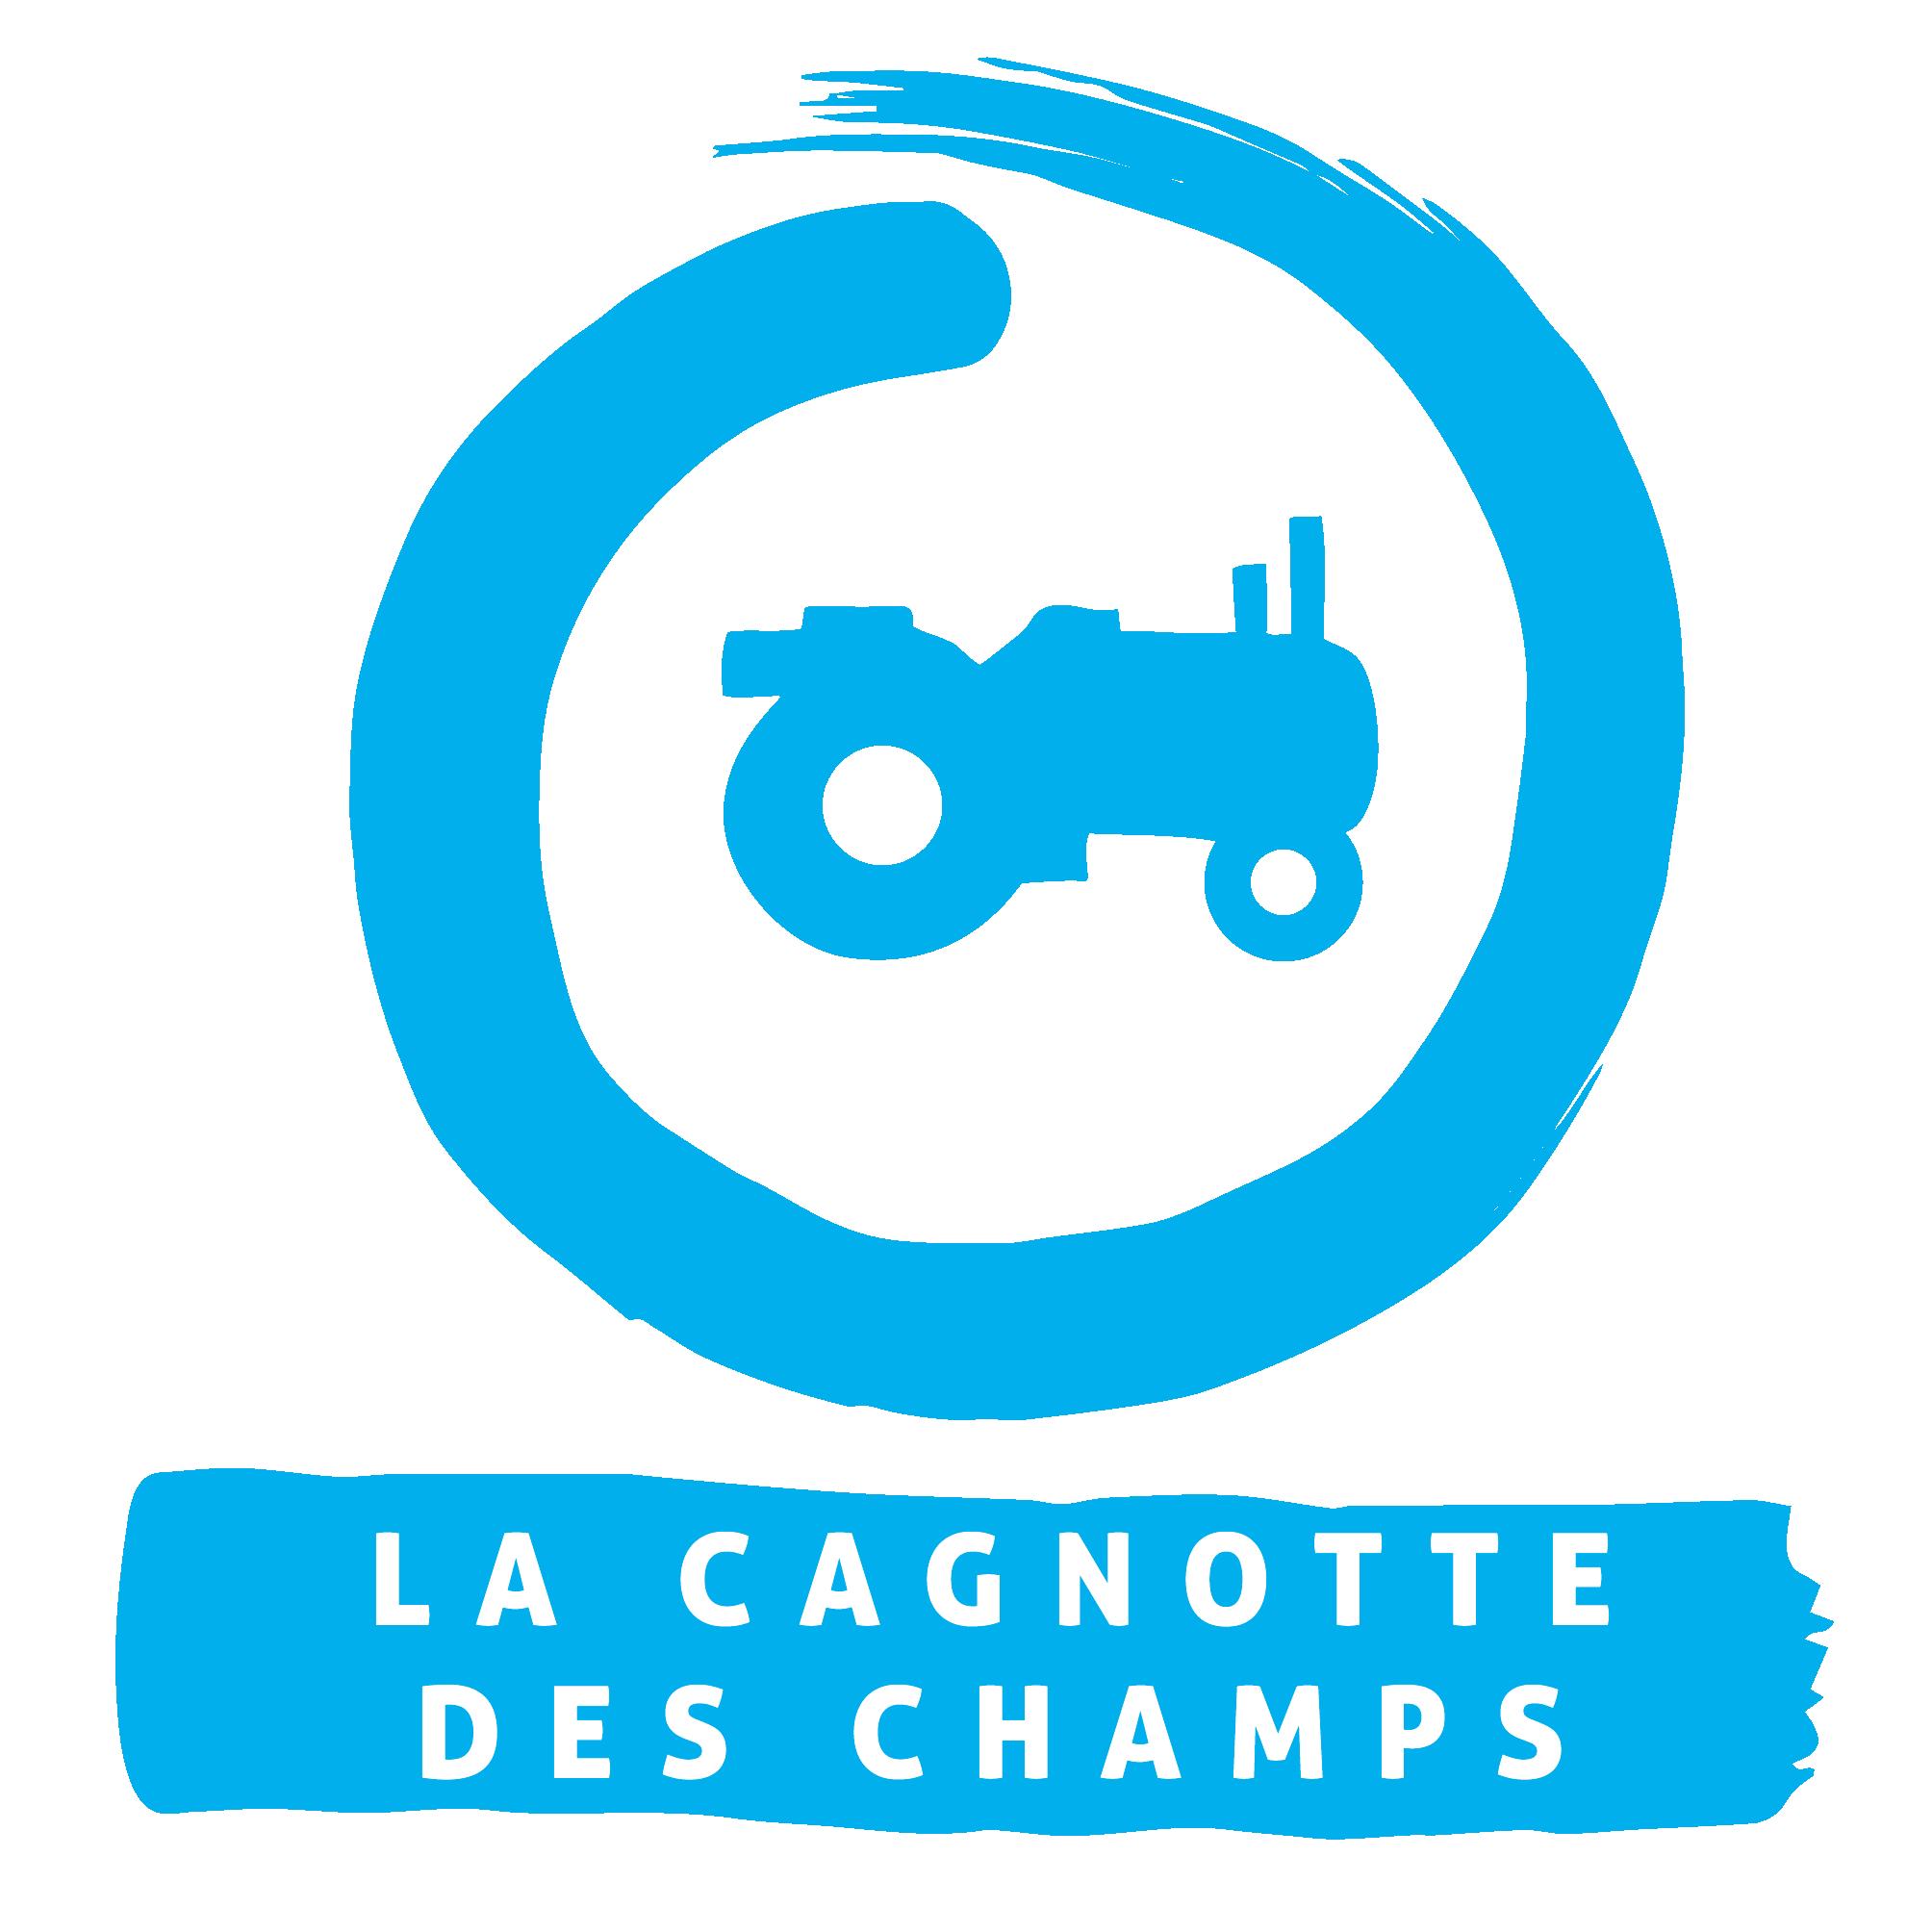 Association - La Cagnotte des Champs